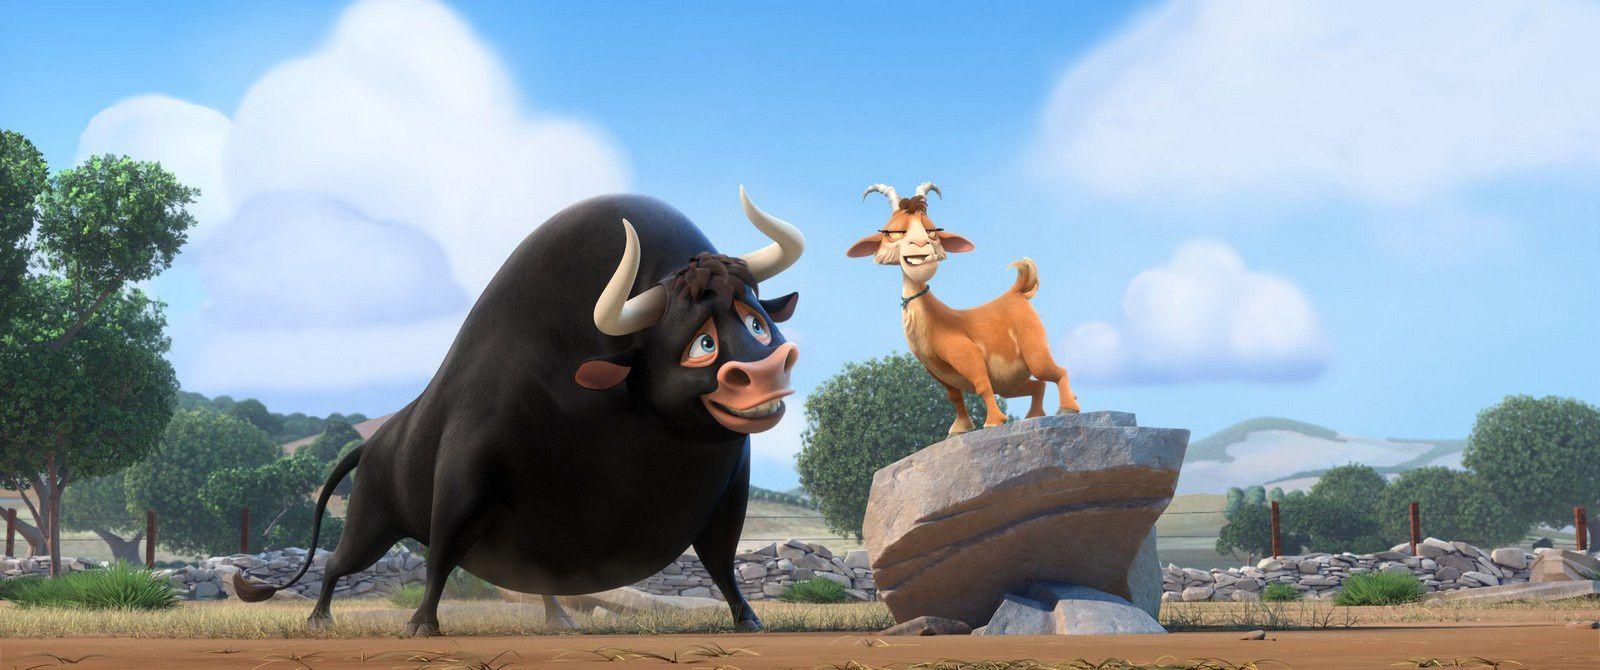 Ferdinand (BANDE ANNONCE VF et VOST) de Carlos Saldanha - Le 20 décembre 2017 au cinéma